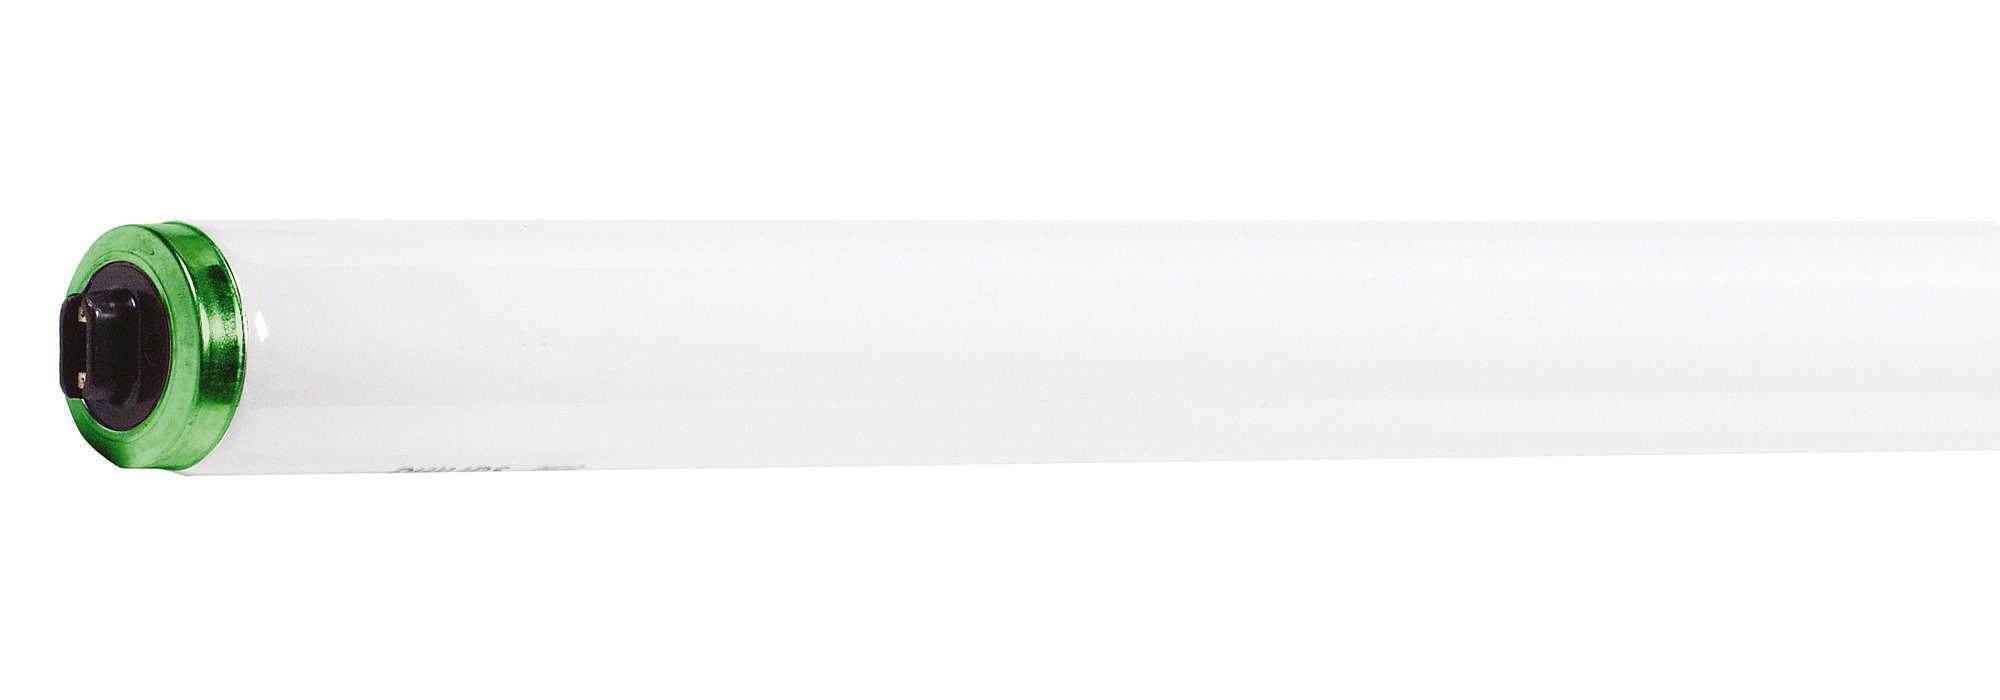 Environmentally Responsible Lamps